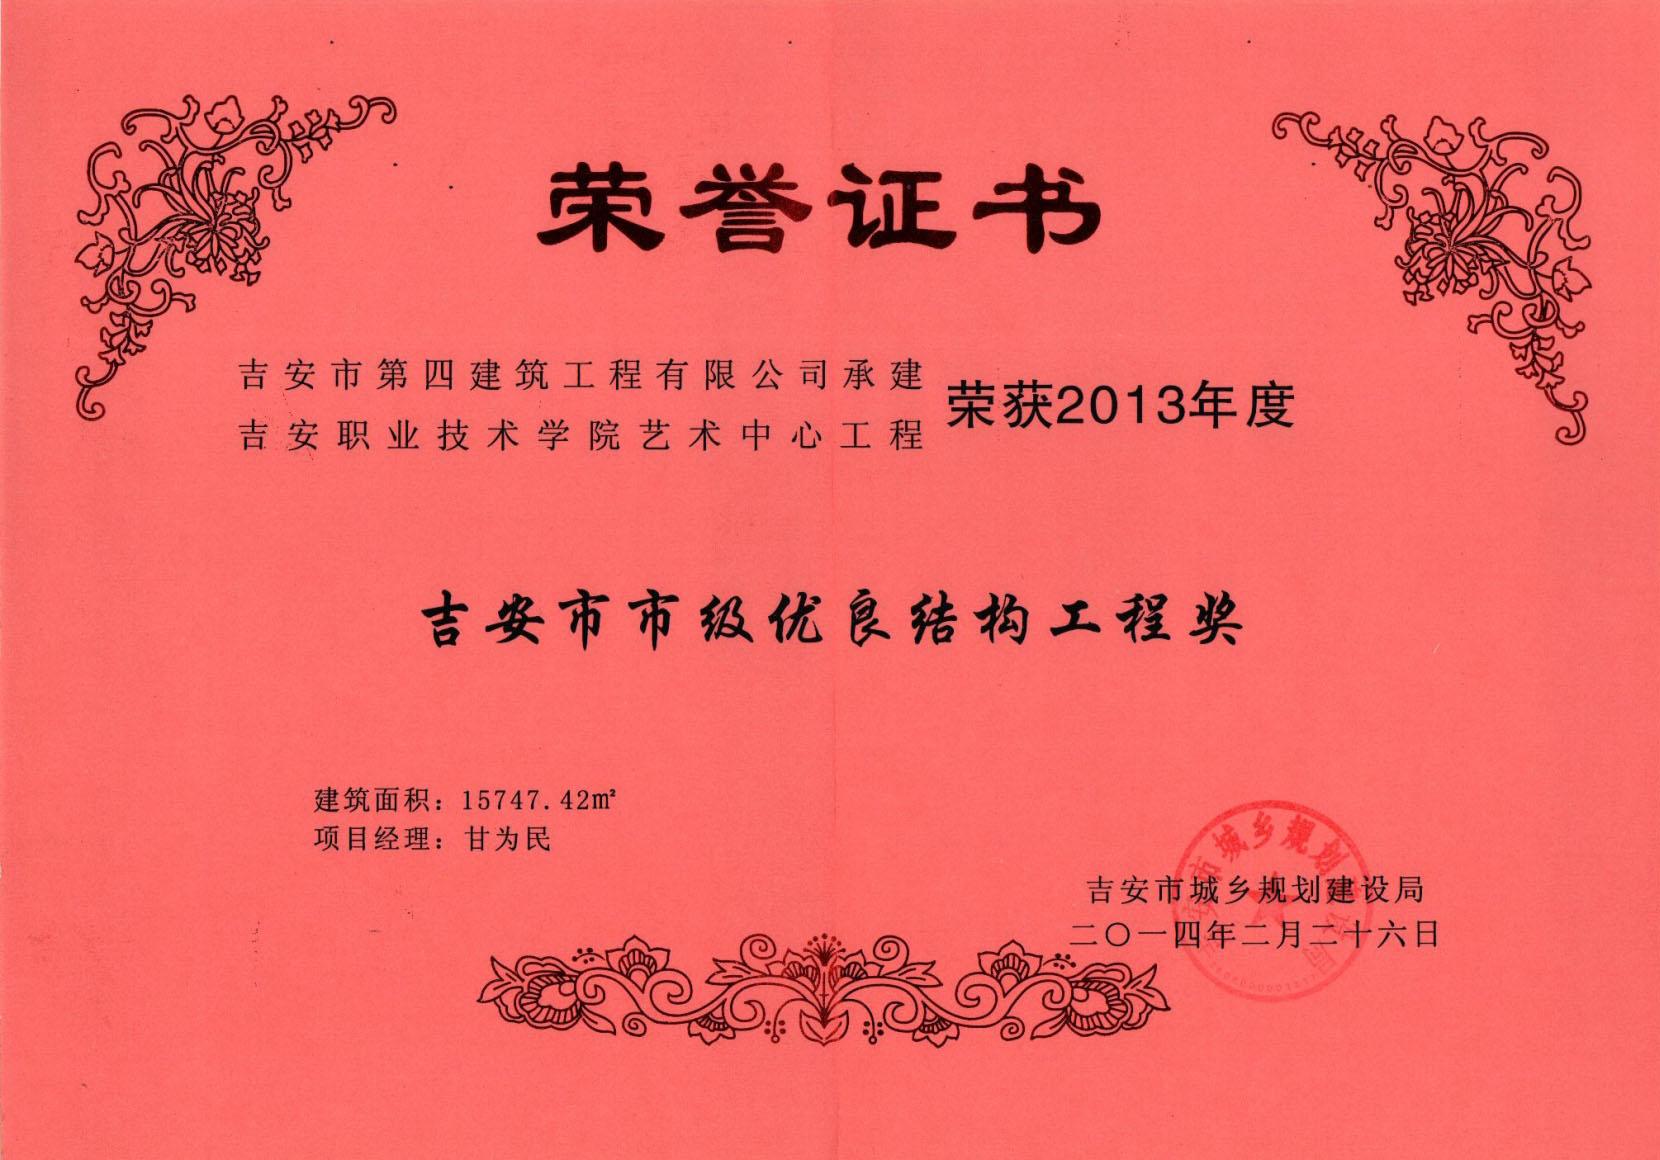 千赢国际|平台职业技术学院艺术中心